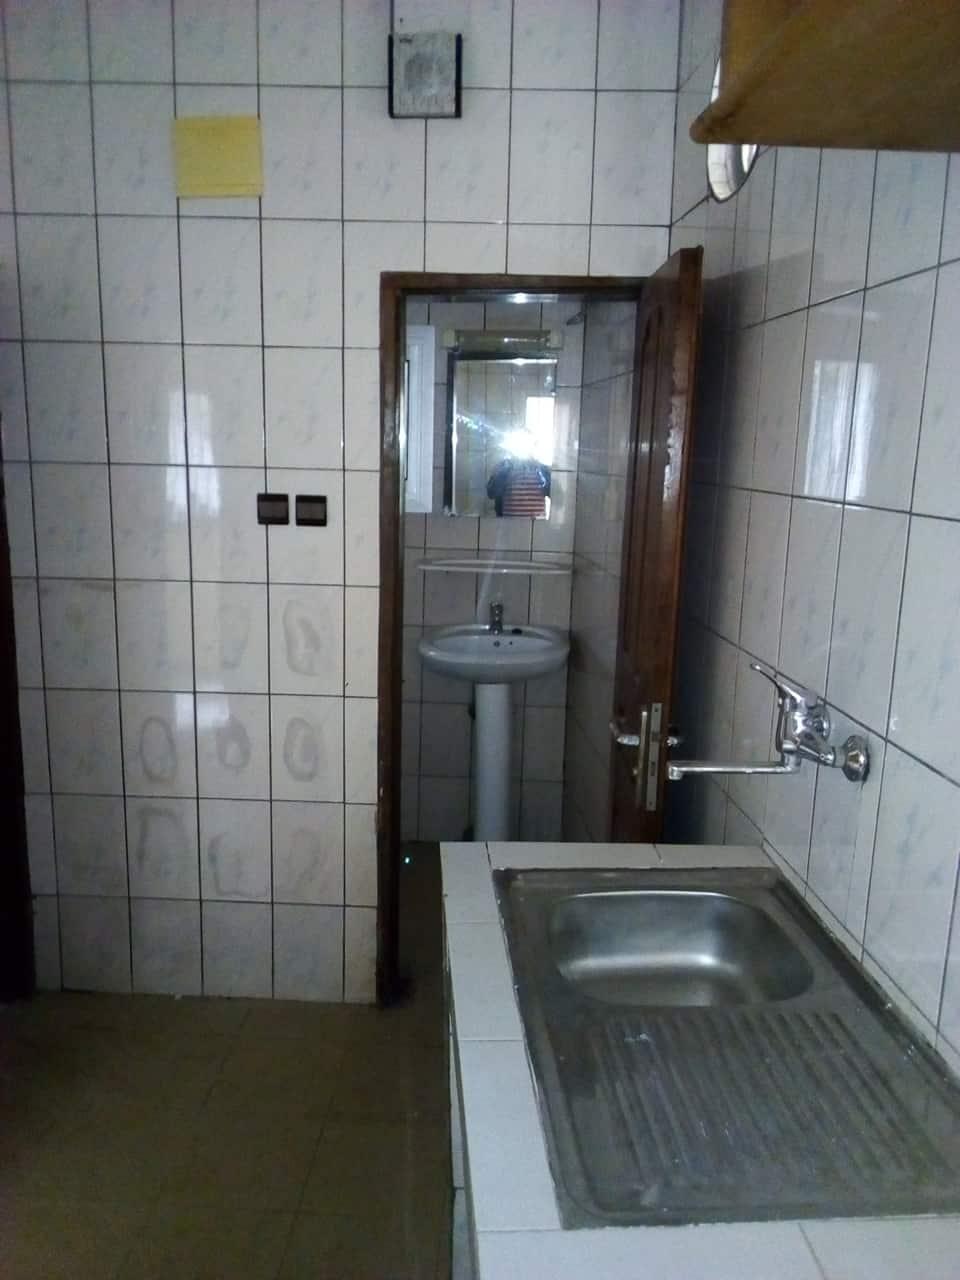 Appartement à louer - Yaoundé, Bastos, pas du palais - 1 salon(s), 1 chambre(s), 1 salle(s) de bains - 165 000 FCFA / mois